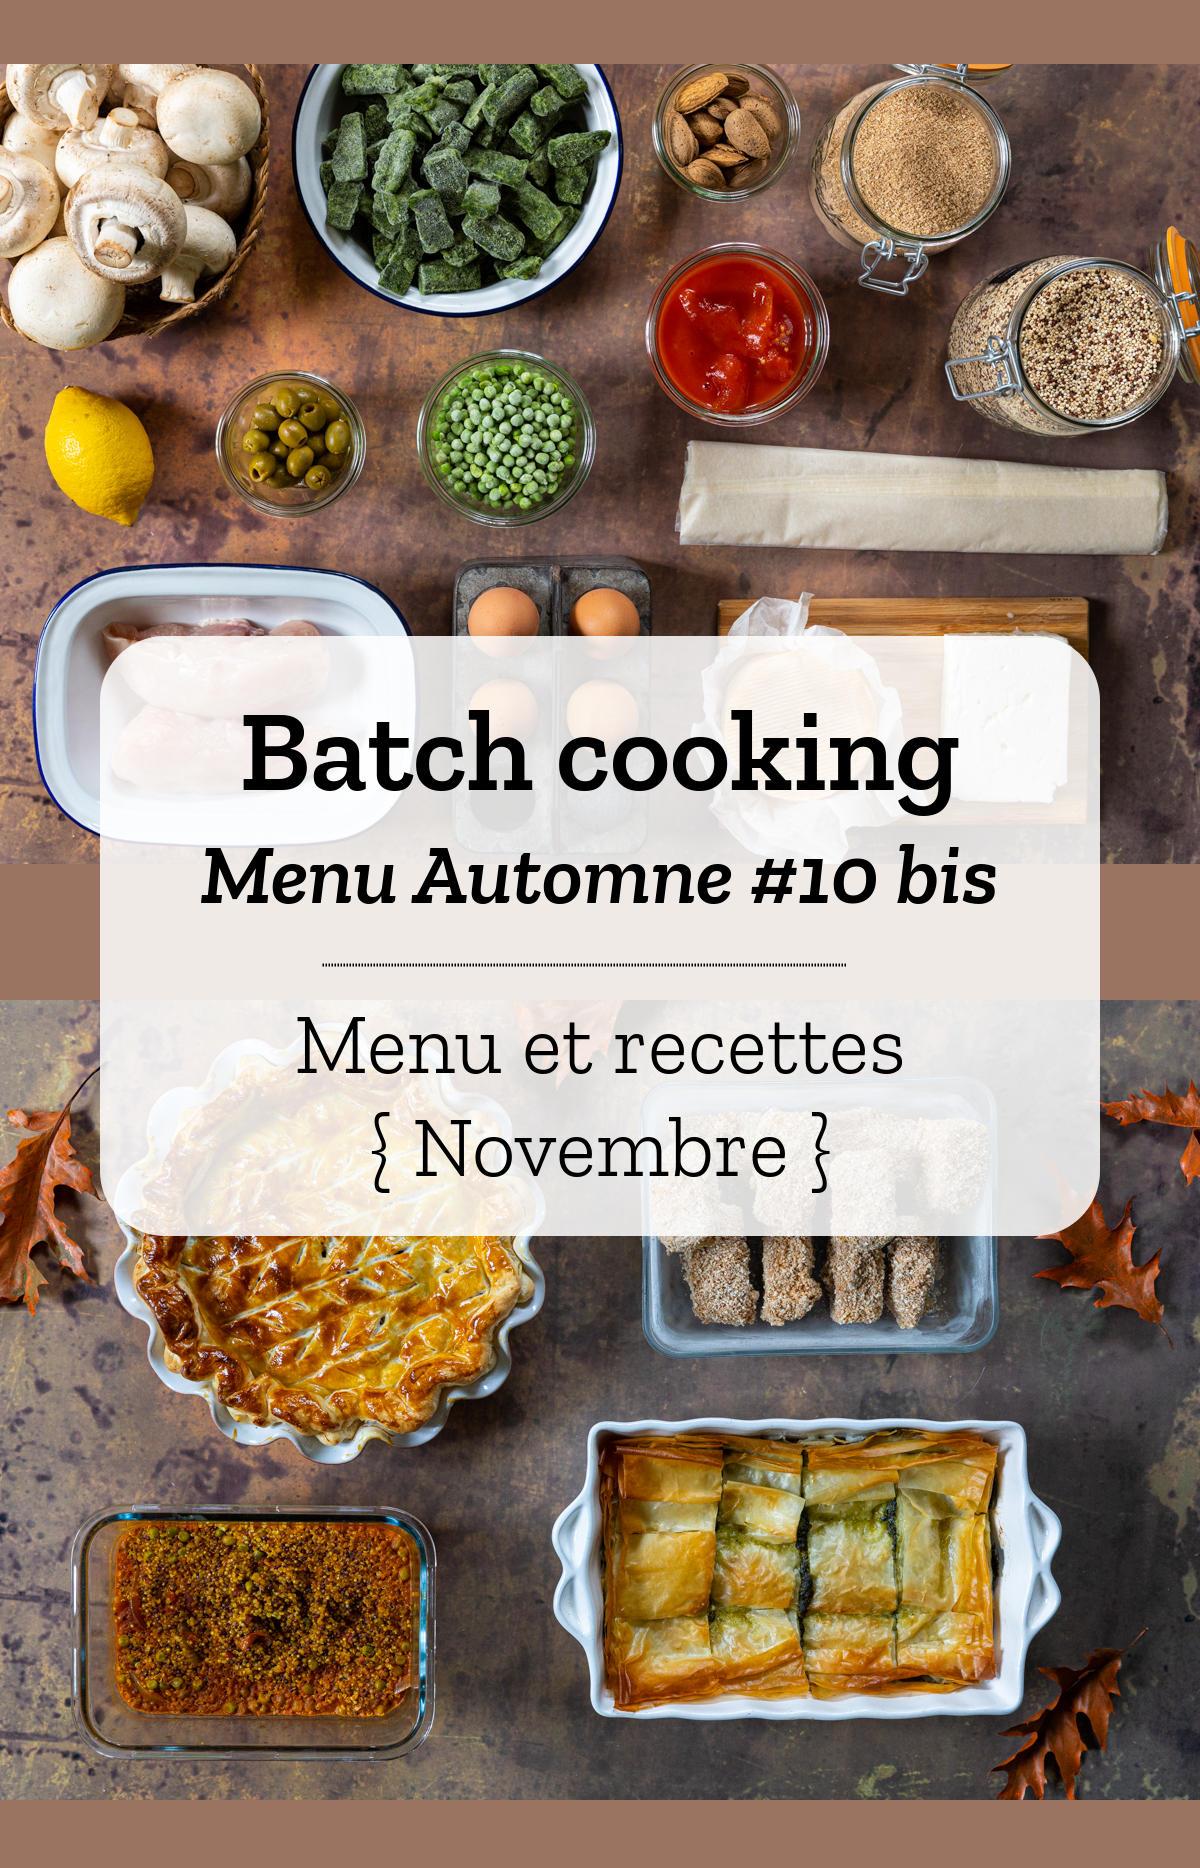 Batch cooking Automne #10 bis - Mois de Novembre 2020 - Semaine 48